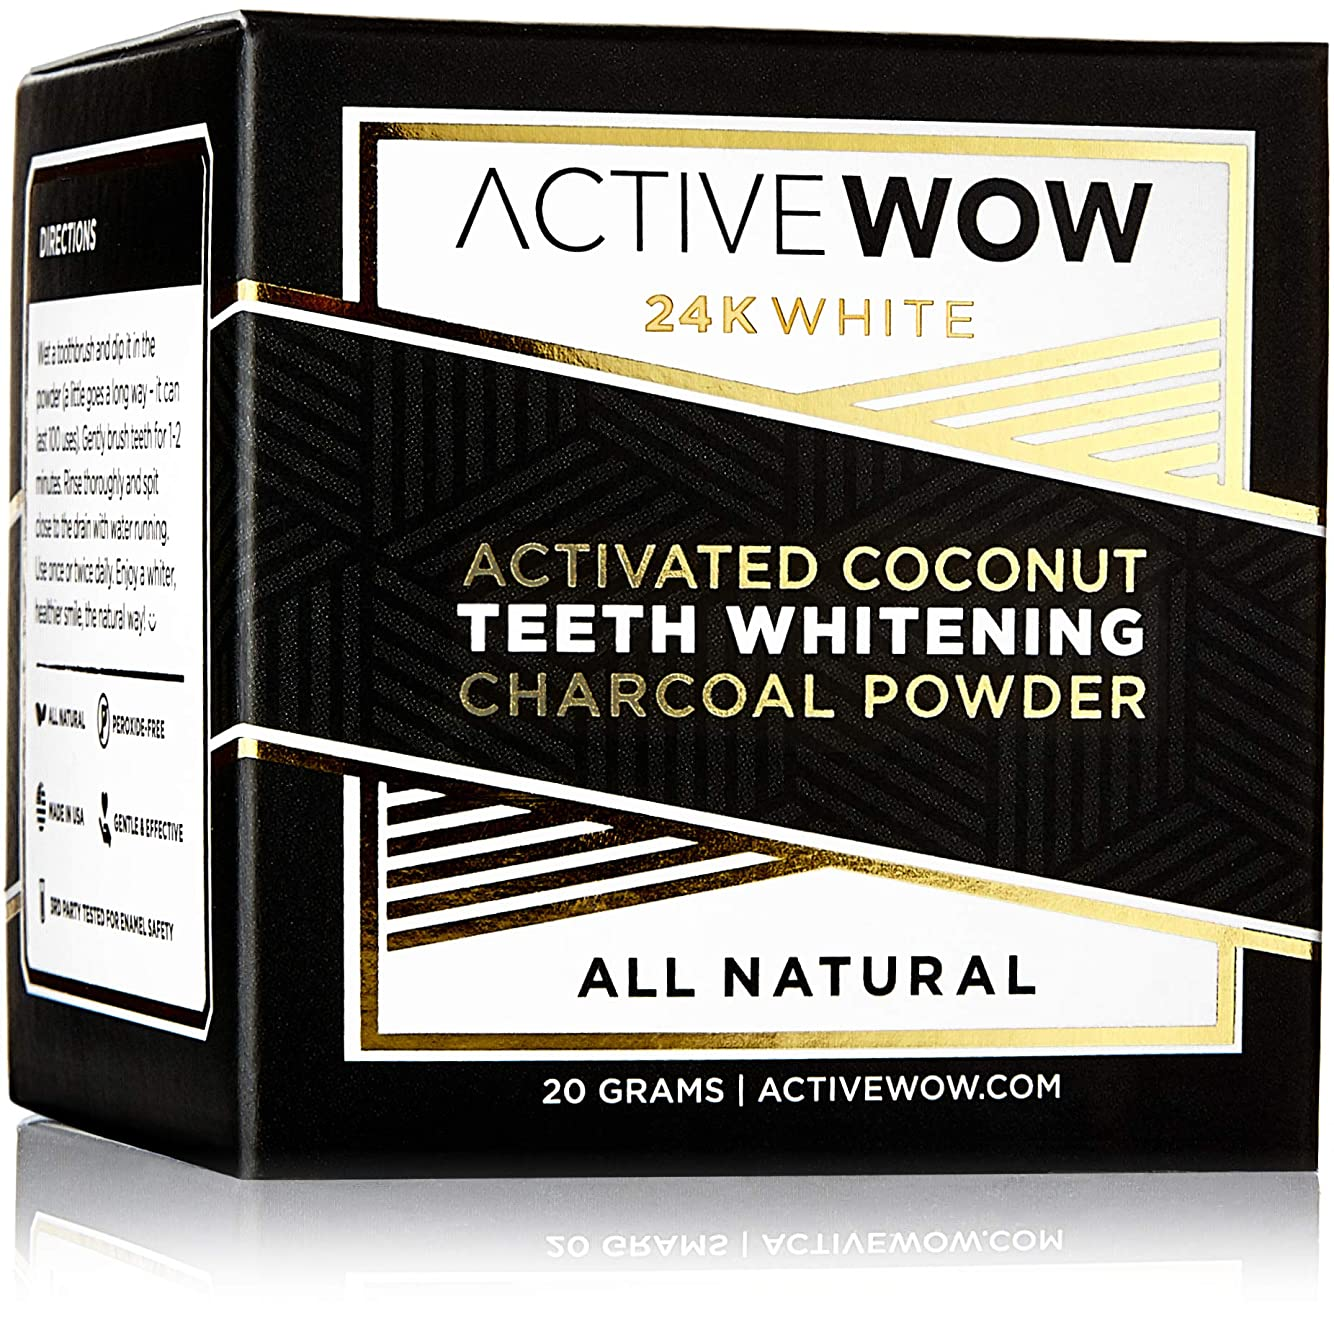 リスト決定するラケットアクティブワオ (Active Wow) 歯のホワイトニングチャコールパウダー [海外直送品] (ナチュラル)